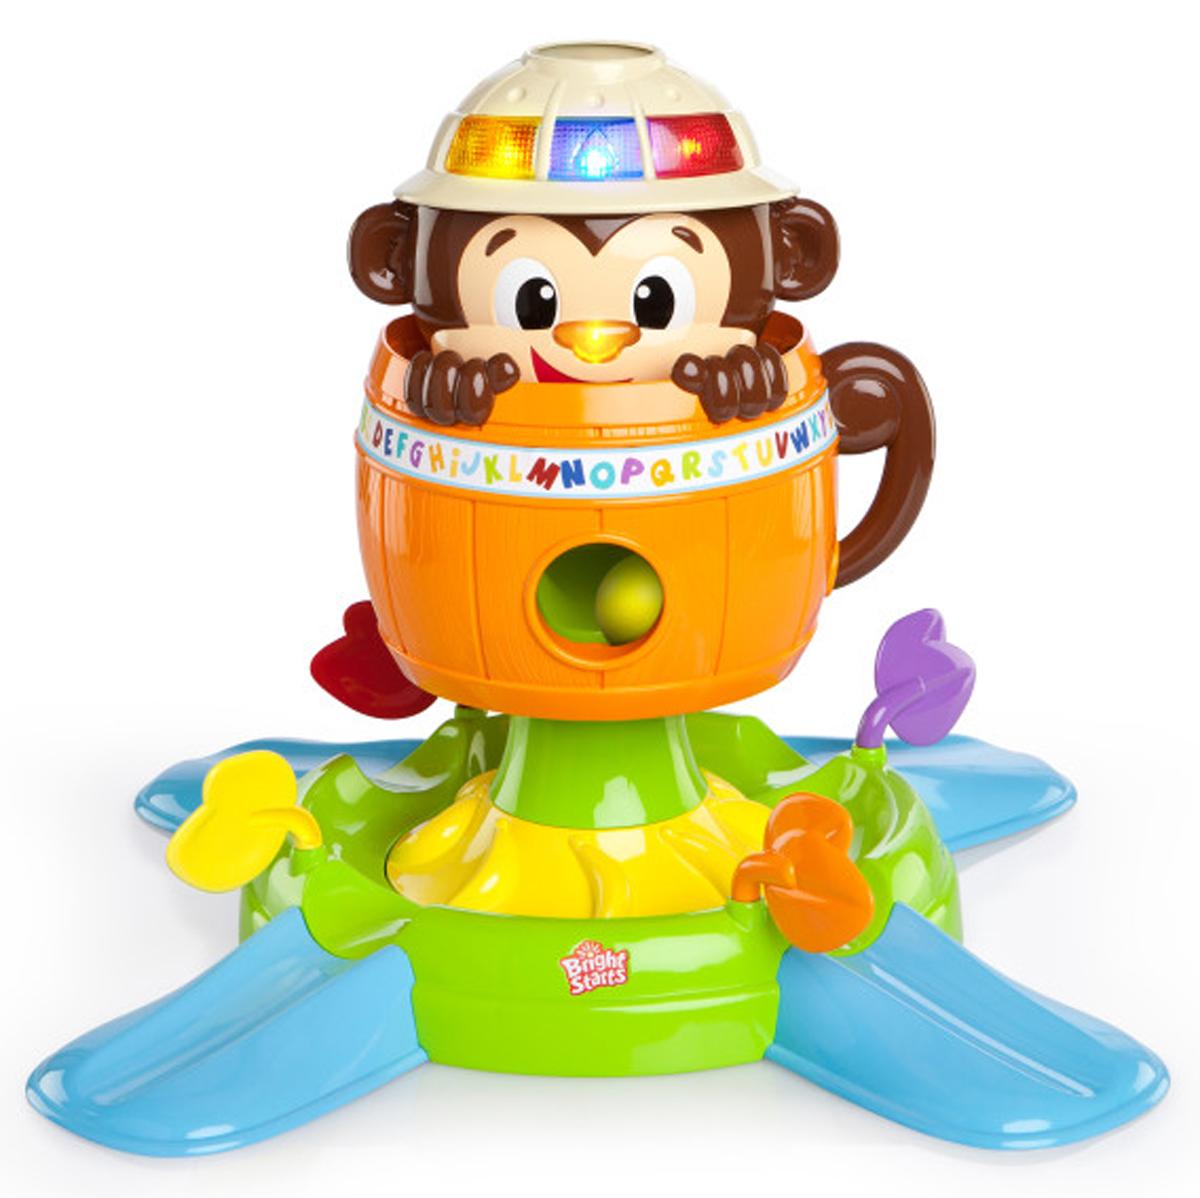 Bright Starts Развивающая игрушка Обезьянка в бочке недорого